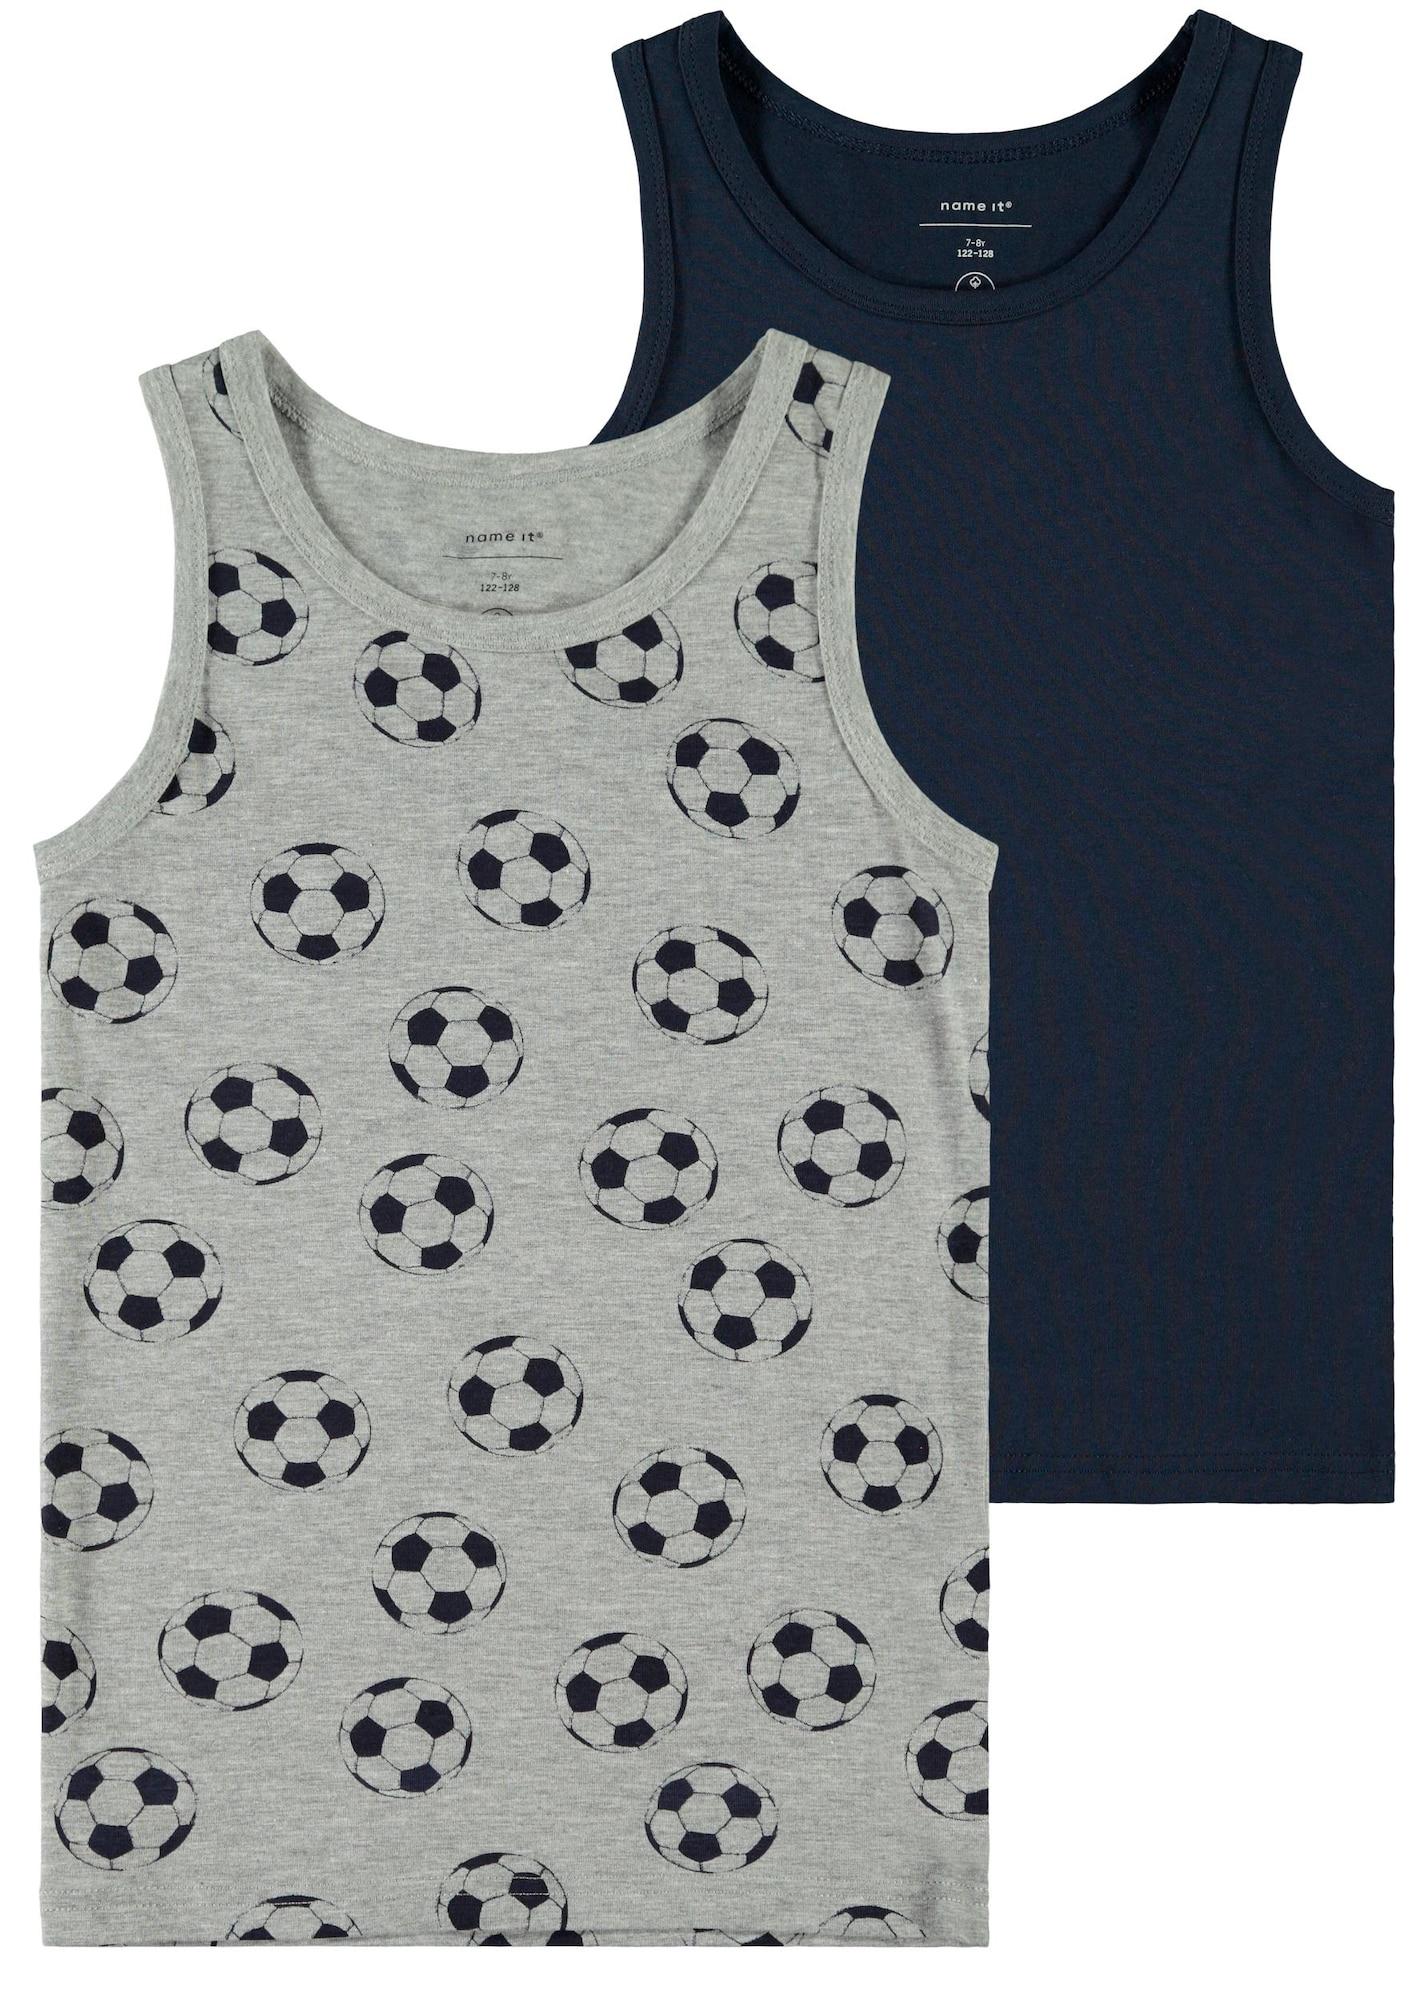 NAME IT Apatiniai marškinėliai nakties mėlyna / margai pilka